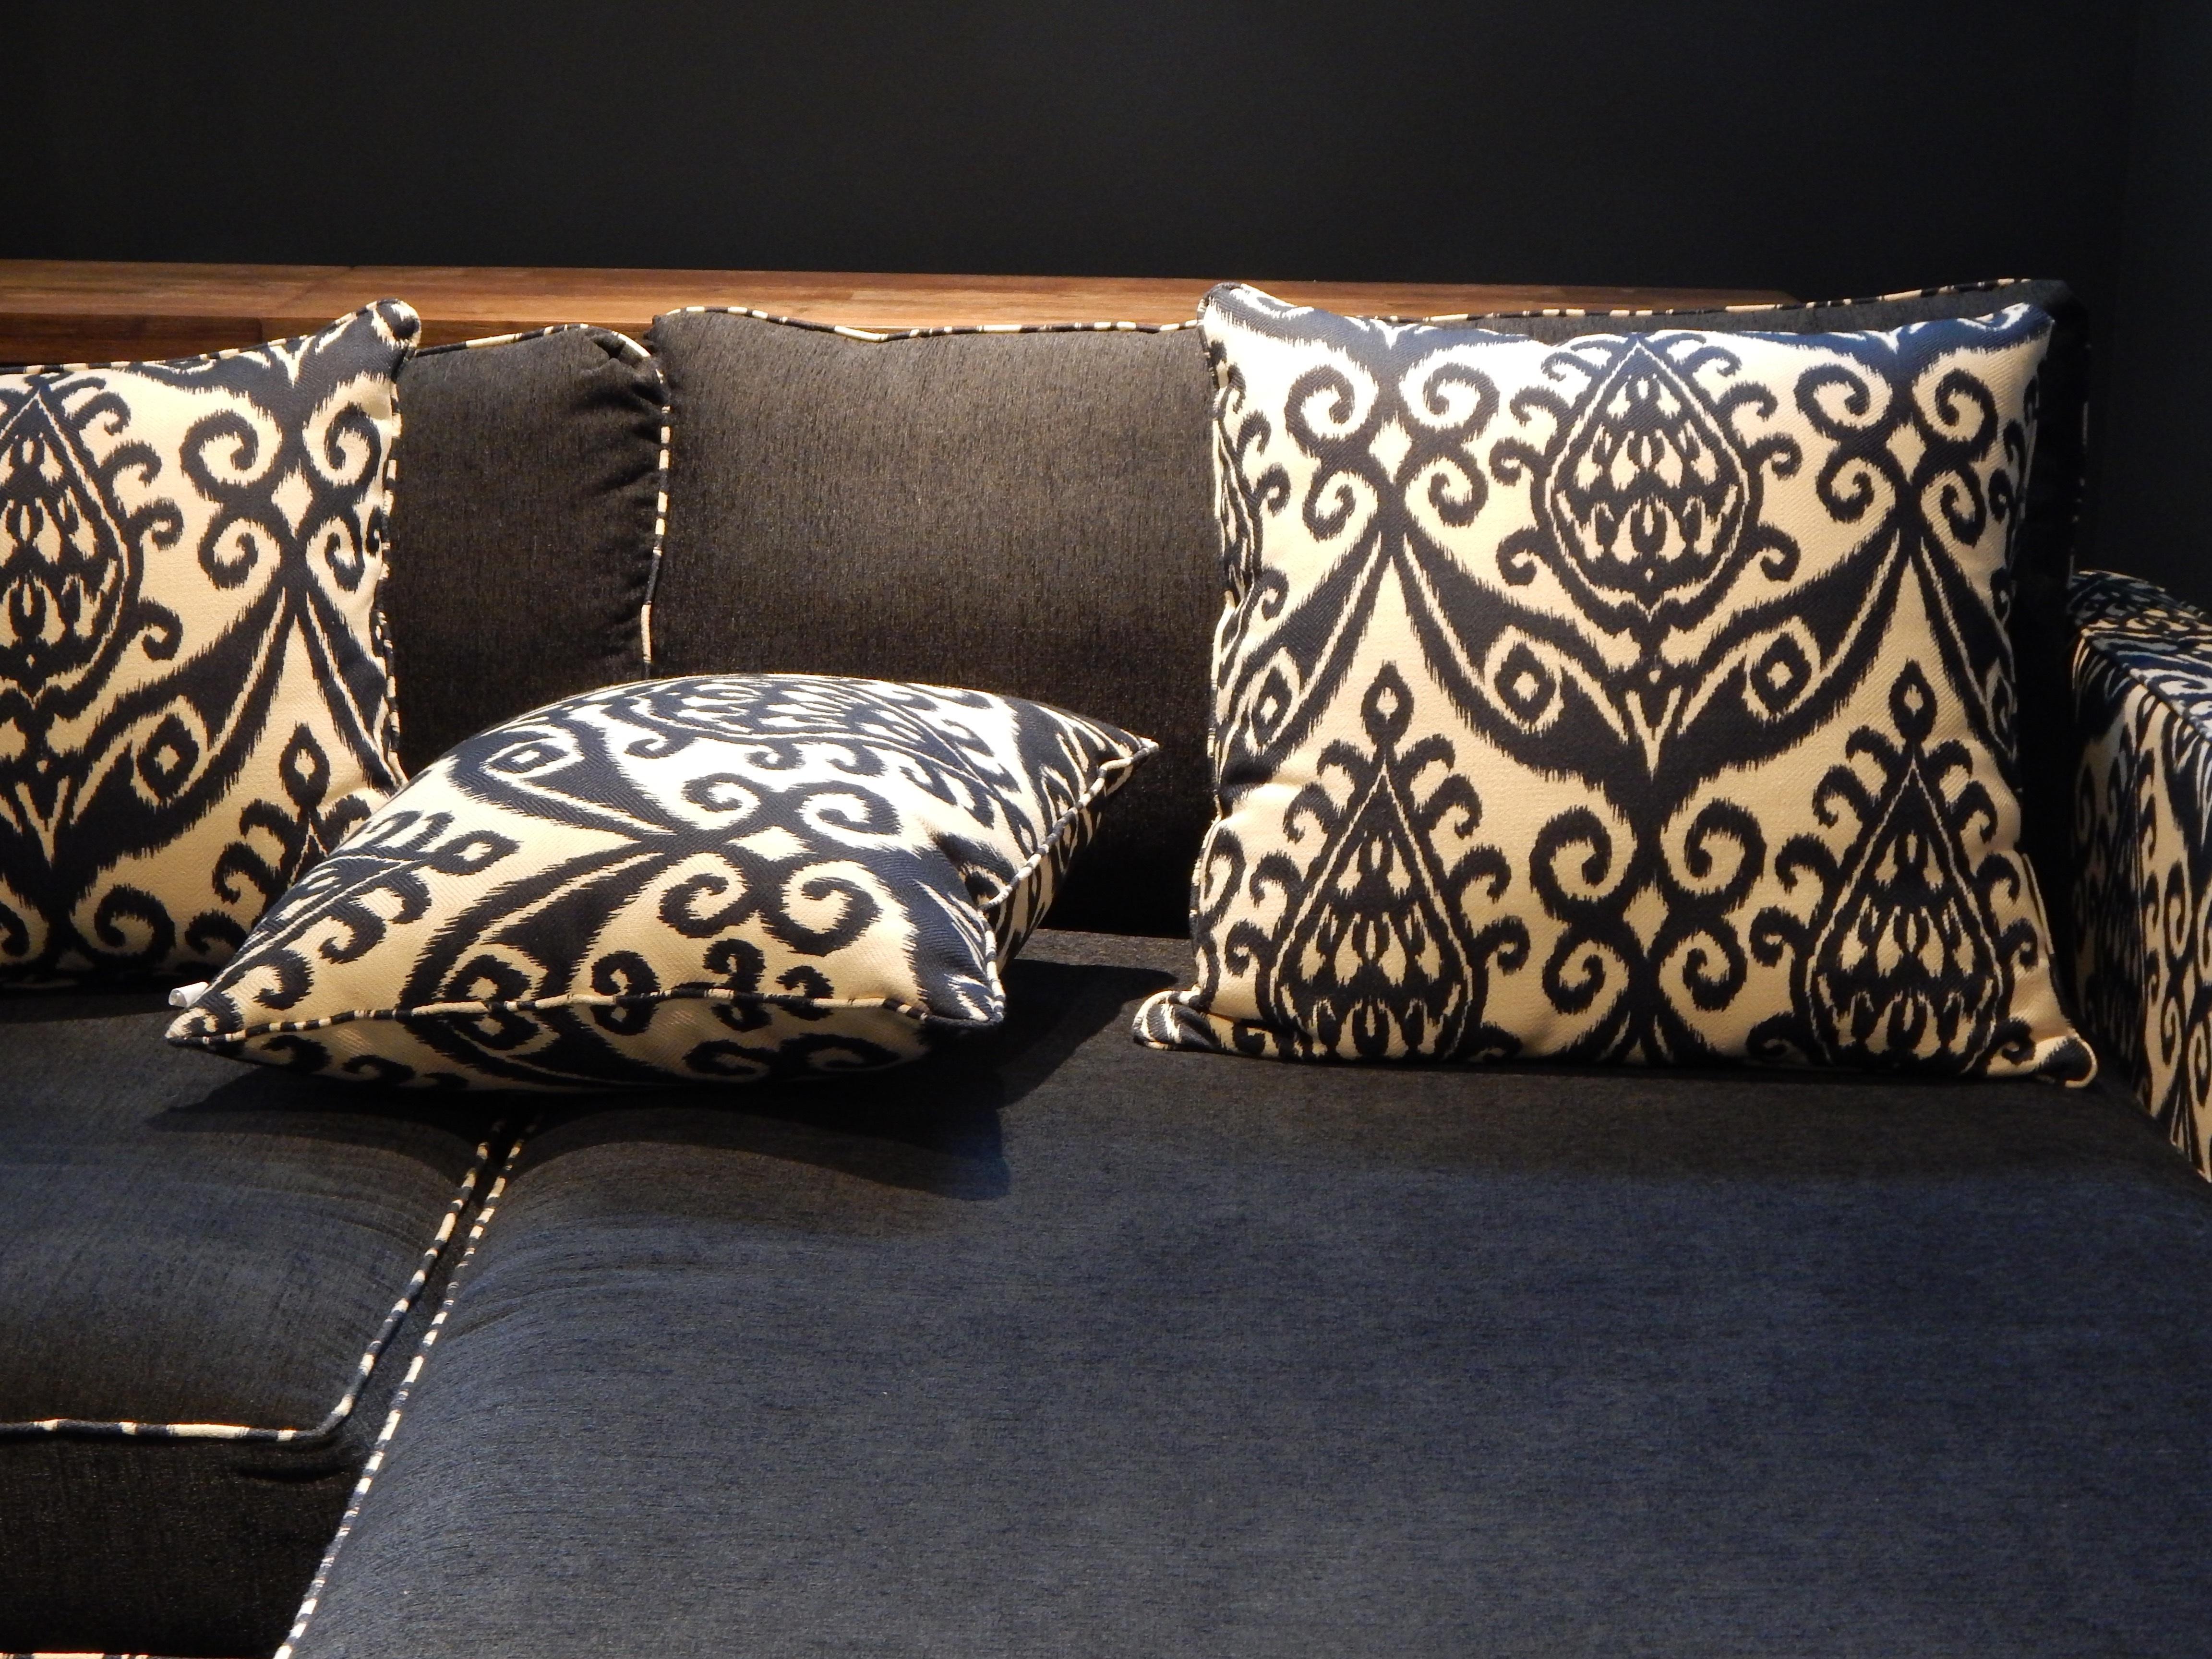 Fotos gratis : interior, patrón, sala, mueble, sofá, decoración ...